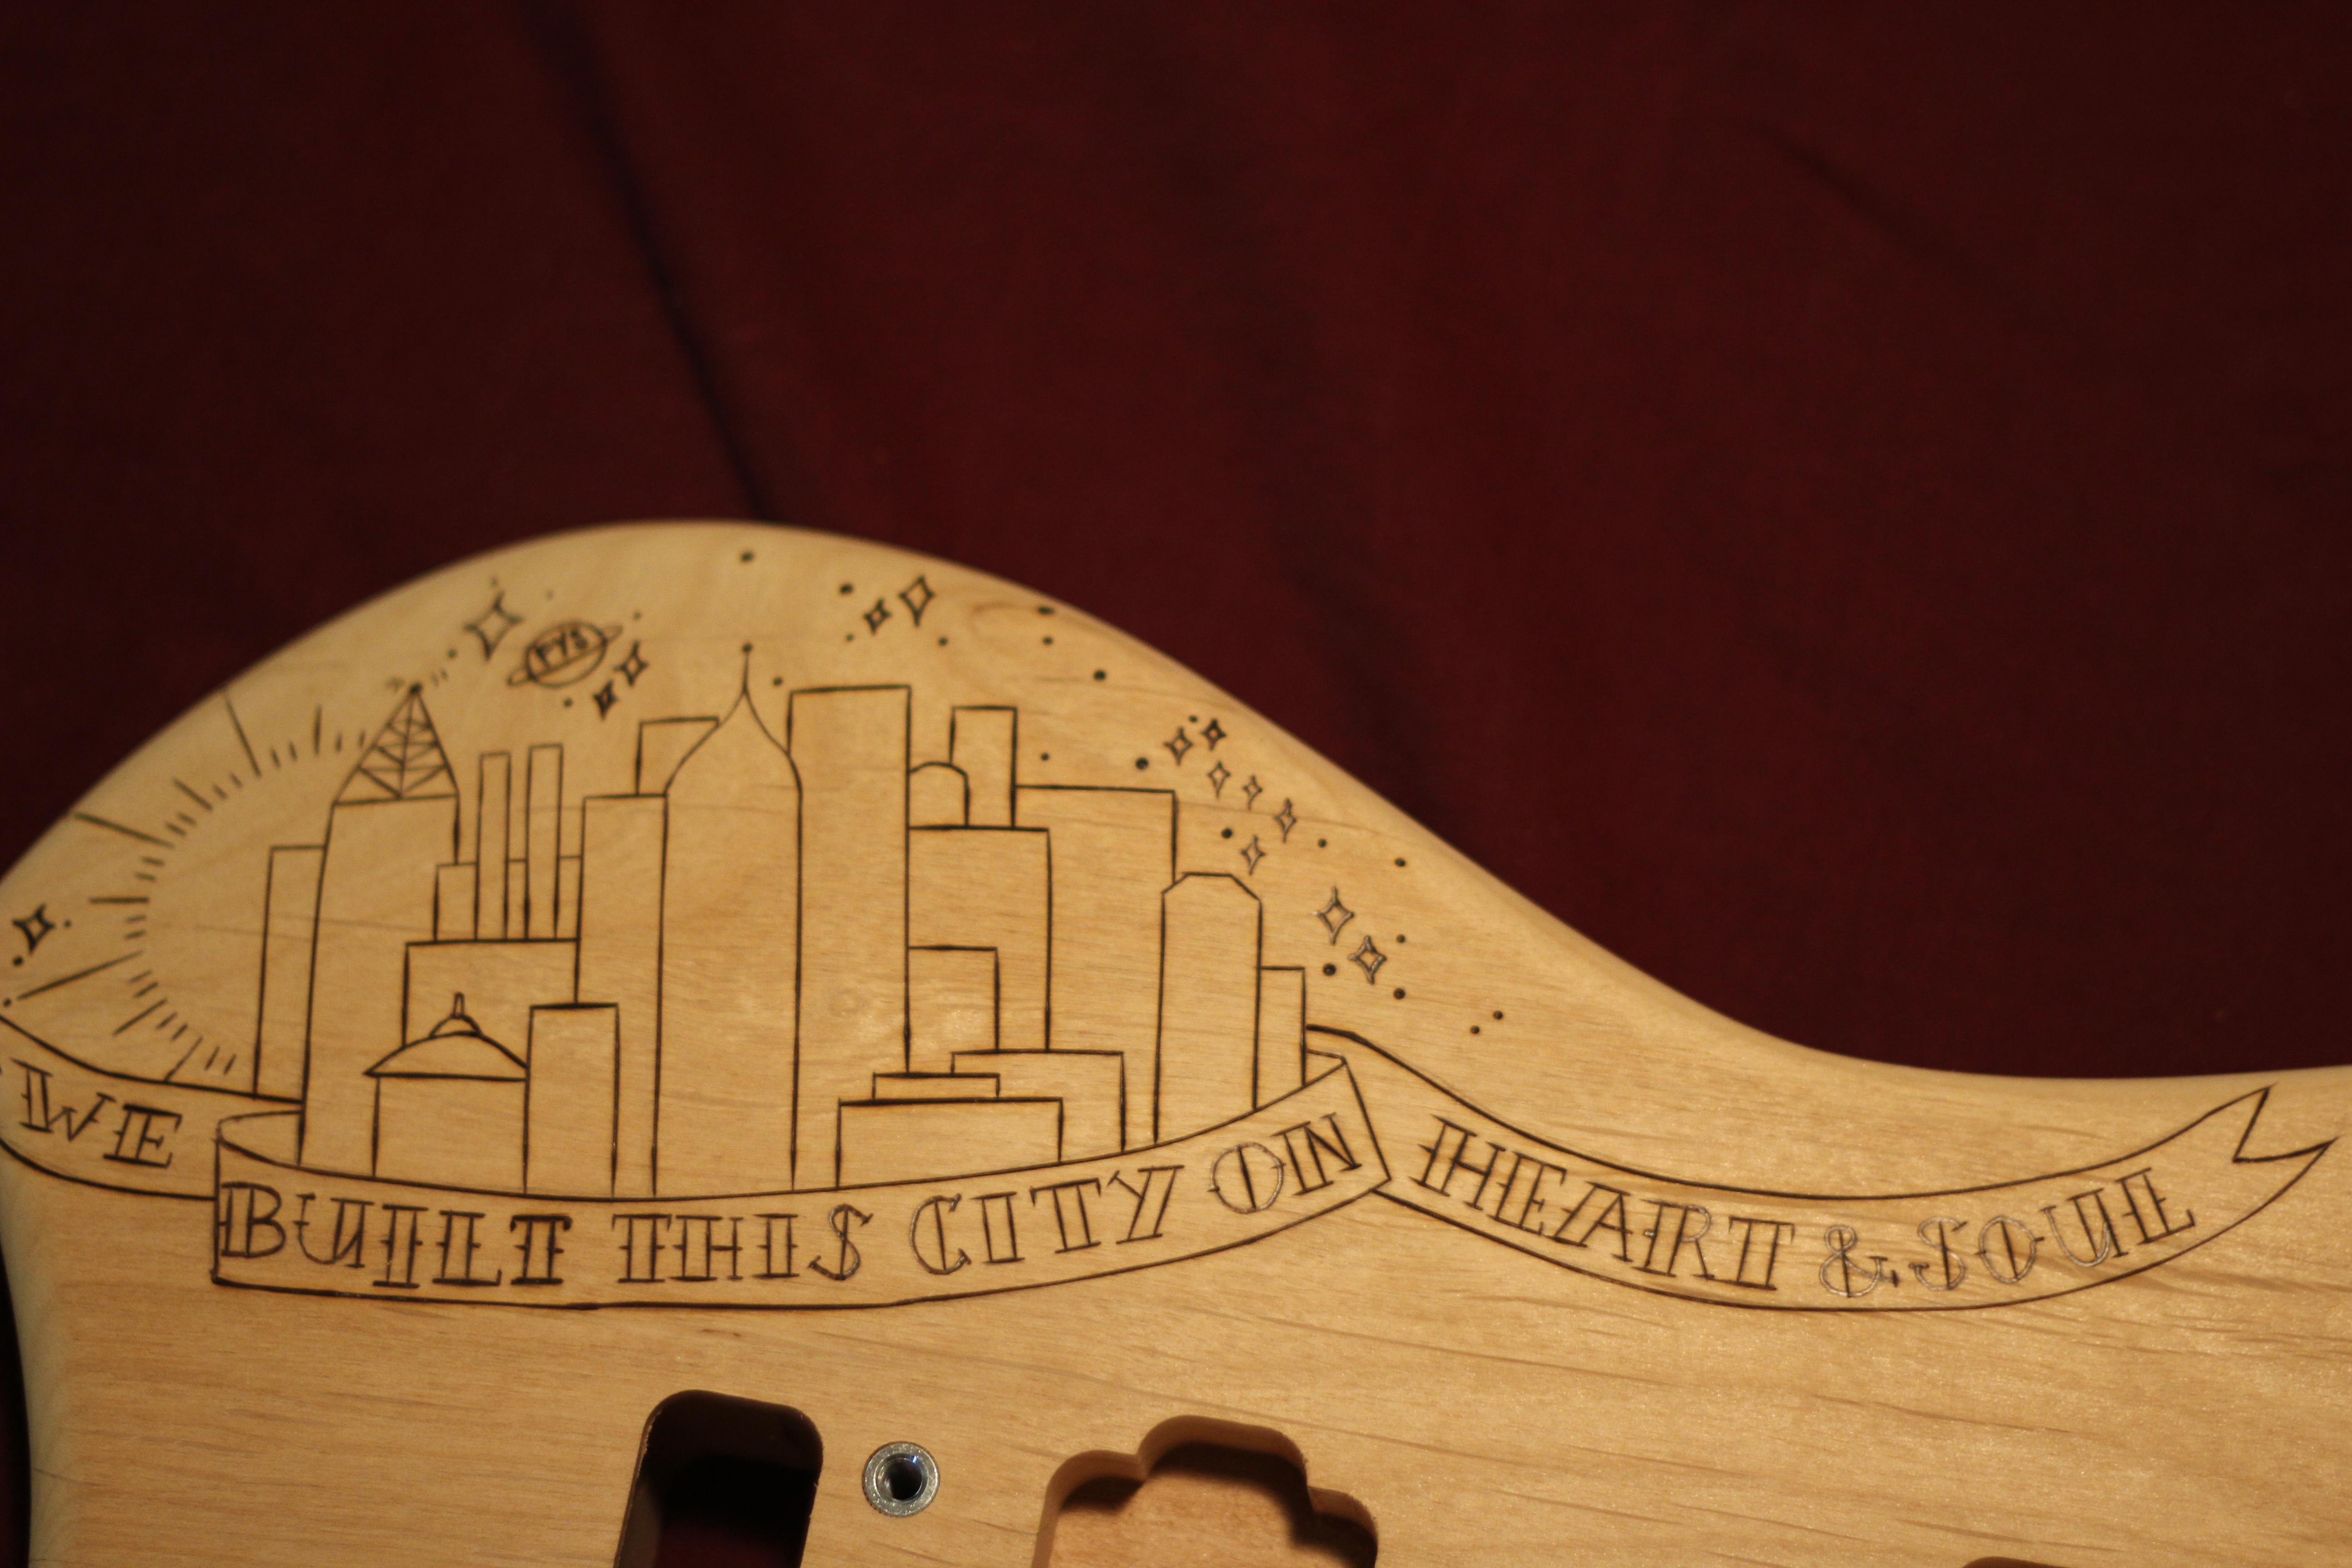 DIY Guitar Part 2 Sketching Woodburning